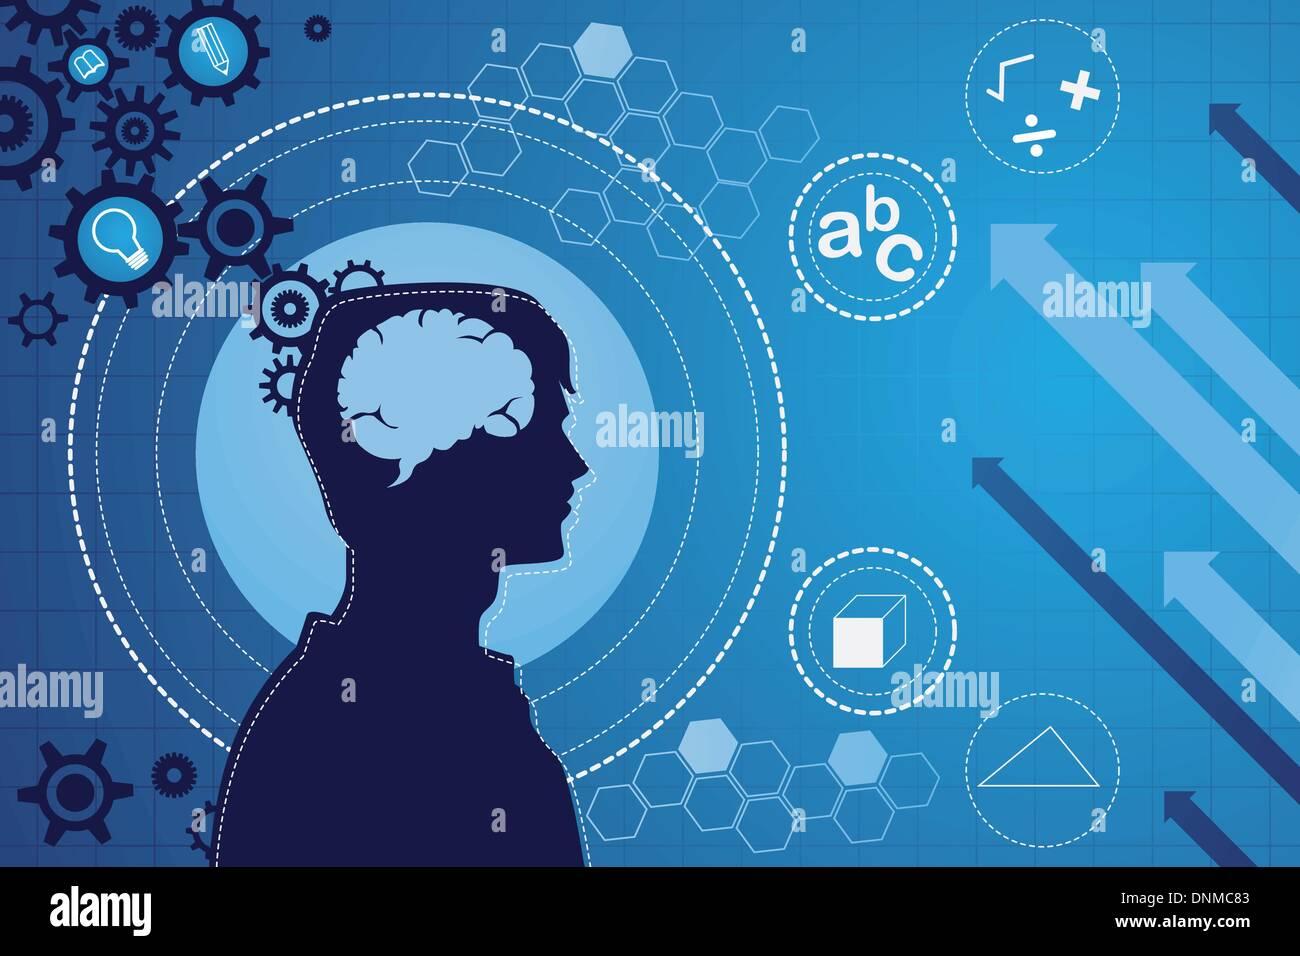 Una ilustración vectorial de la función del cerebro humano concepto Imagen De Stock